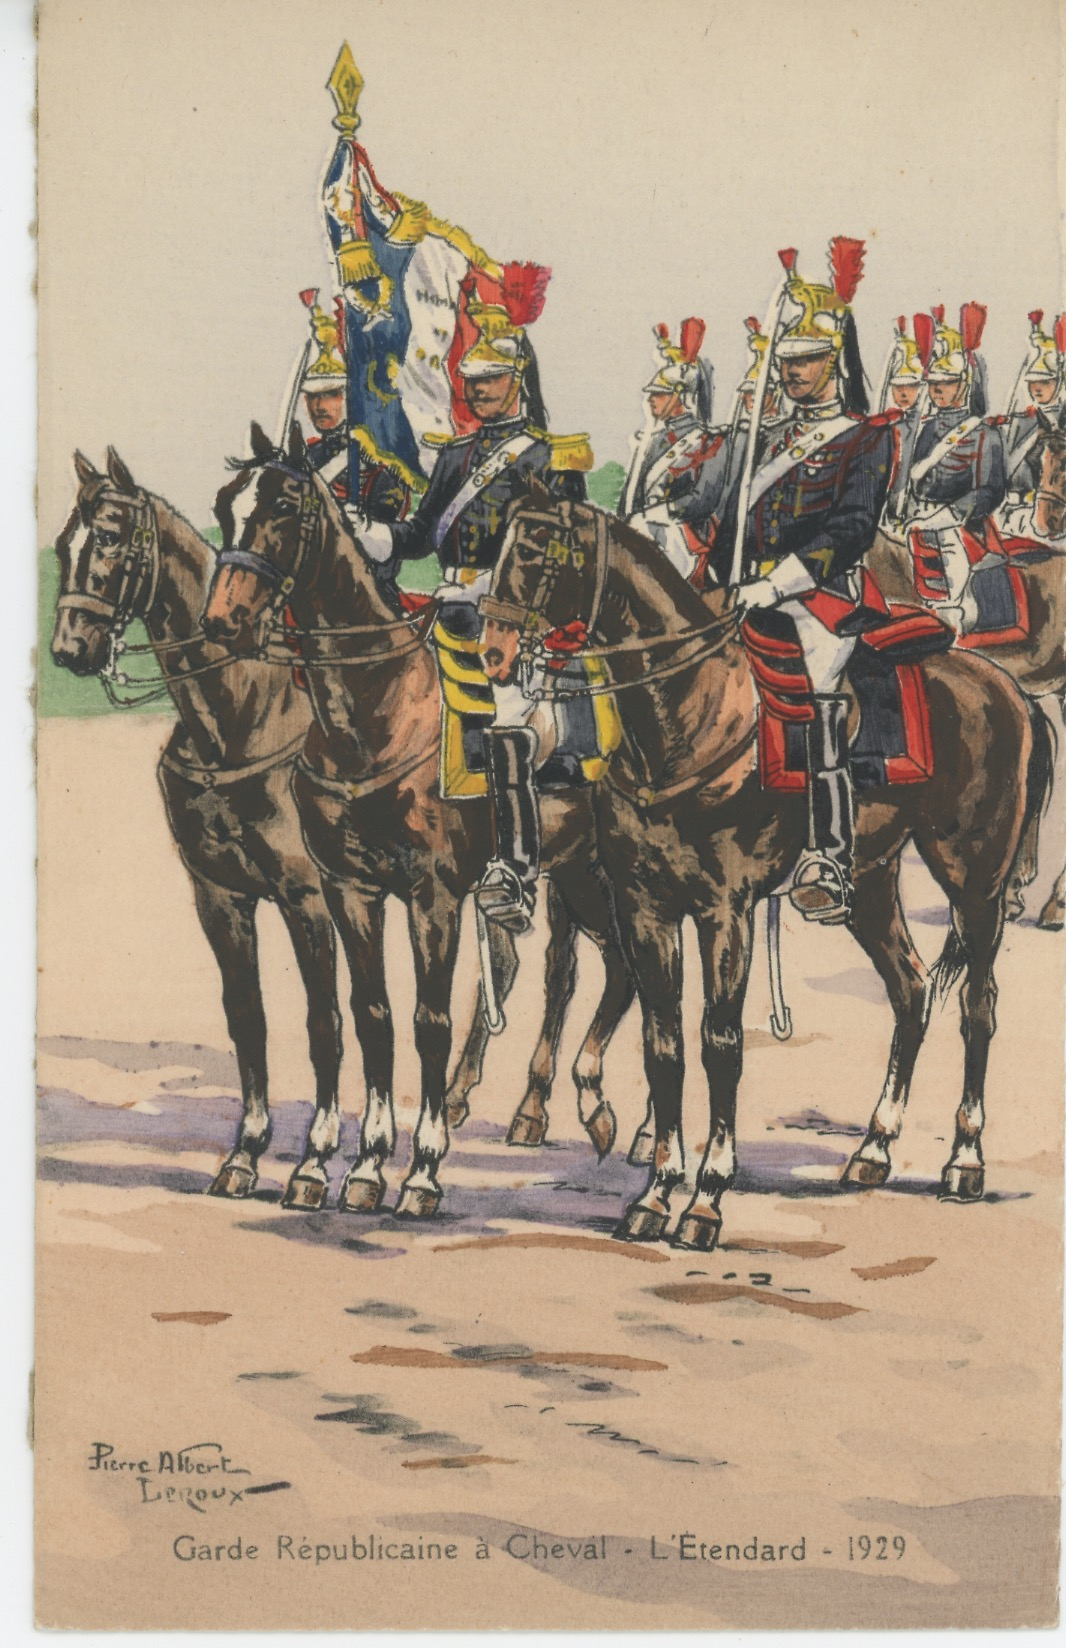 Carte Postale Illustrée - Pierre Albert Leroux- Edition Militaire Illustrées -Garde Républicaine Etendard - 1930